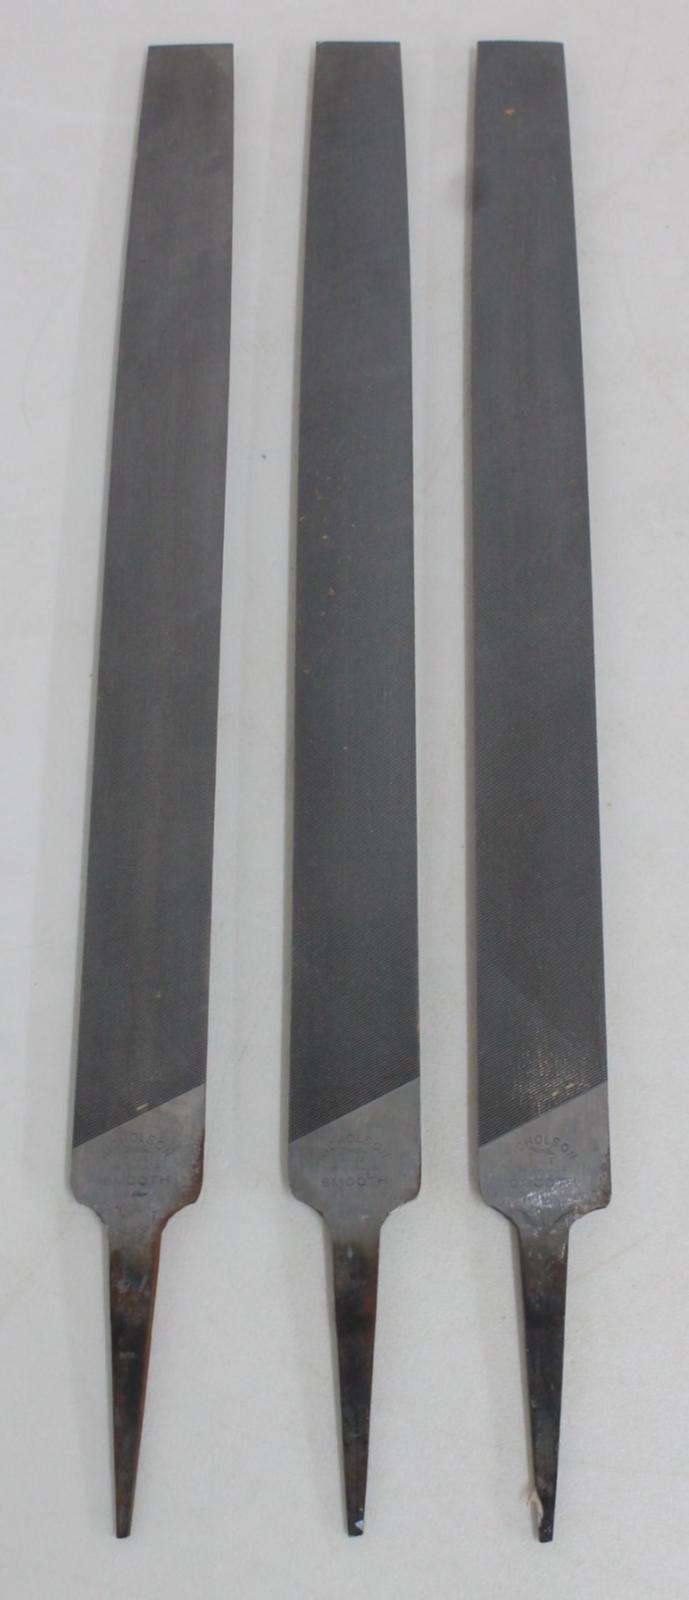 3-X-trabajo-de-madera-y-metal-Nicholson-Medio-Redondo-14-034-archivos-de-mano-corte-suave-30mm miniatura 2